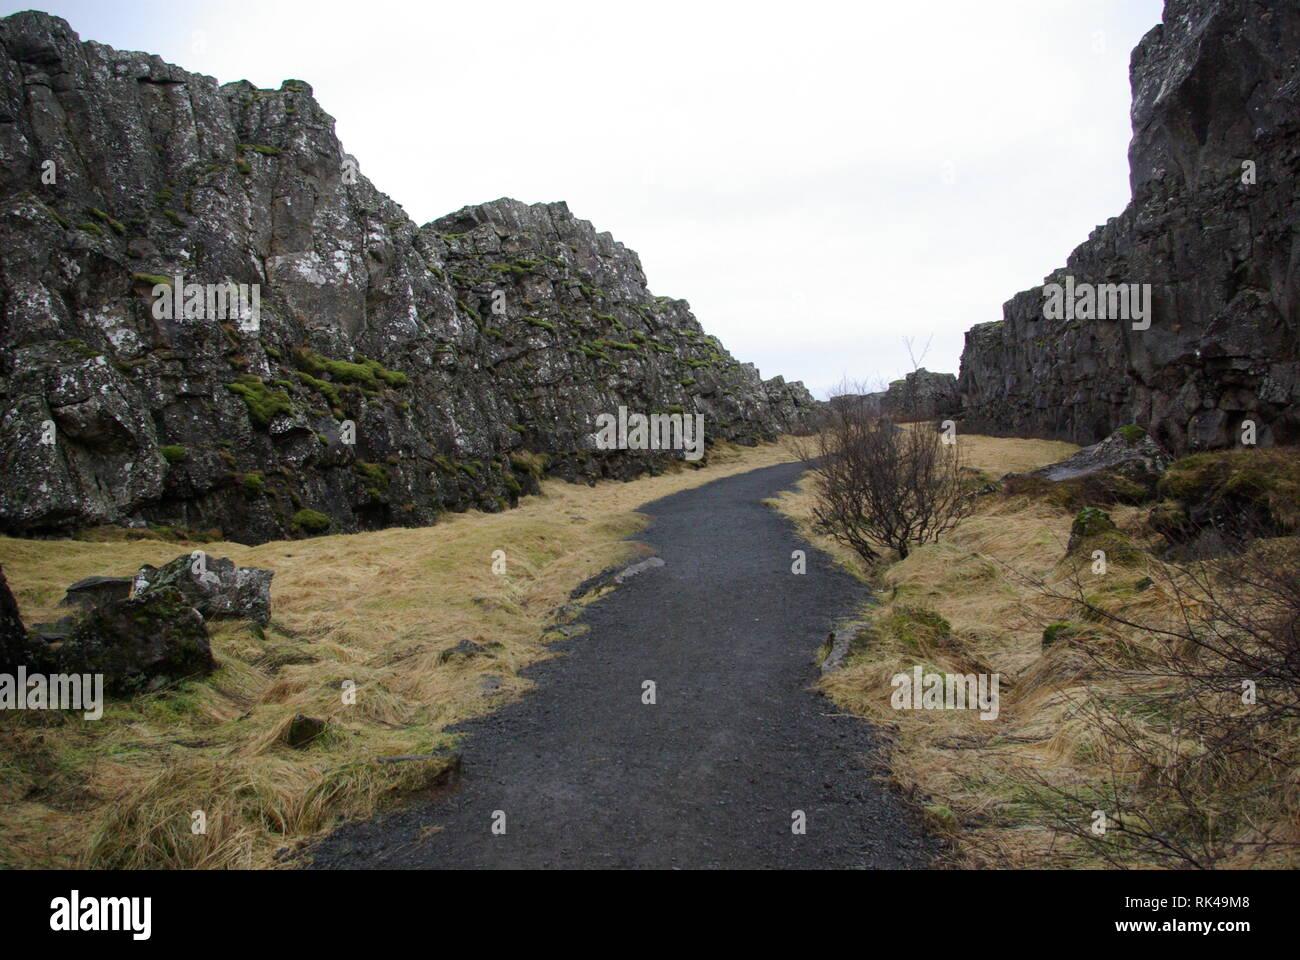 Island - Historischer Platz Thingvellir - Grabenbruchzone - Stock Image